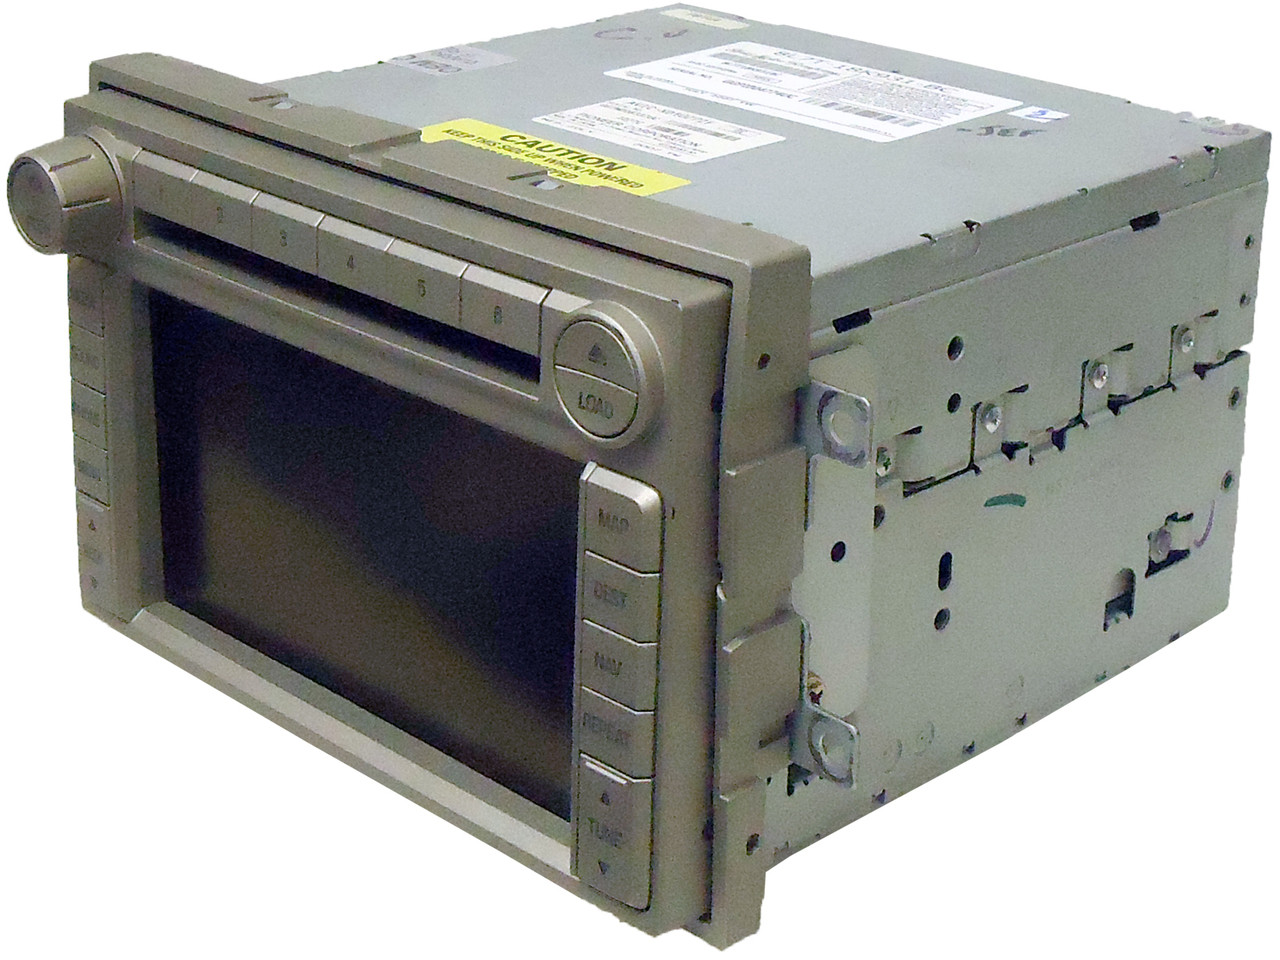 2008 08 lincoln navigator radio gps navigation stereo 6. Black Bedroom Furniture Sets. Home Design Ideas